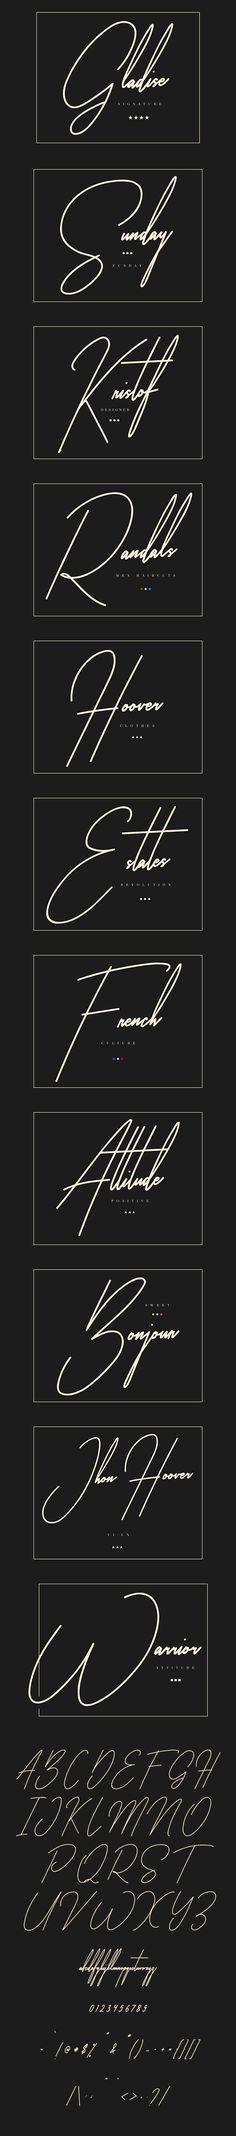 Gladise Signature Typeface